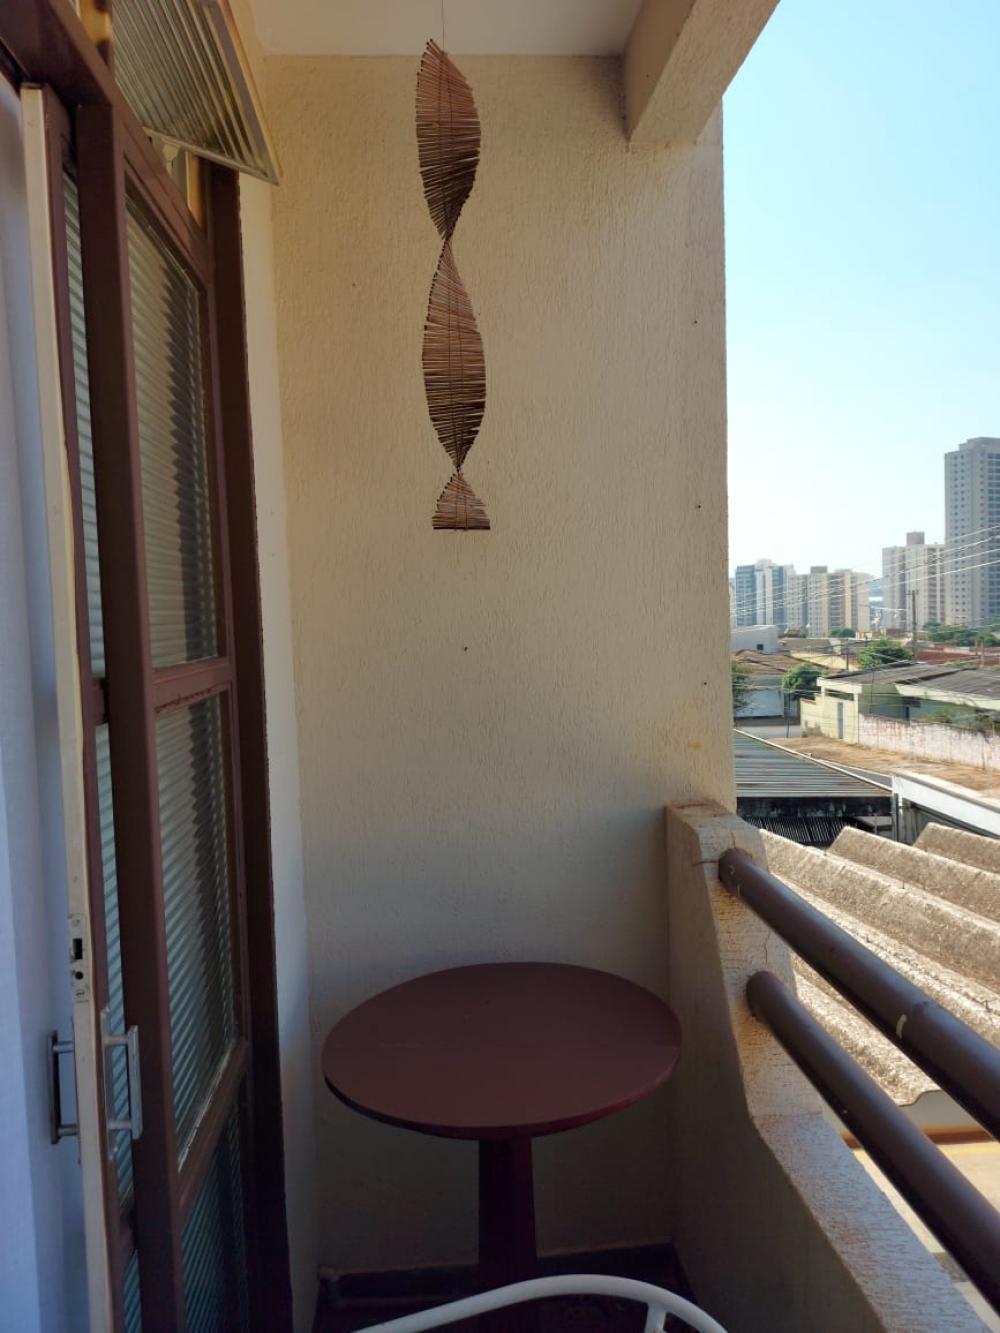 Comprar Apartamento / Padrão em Ribeirão Preto R$ 333.000,00 - Foto 20